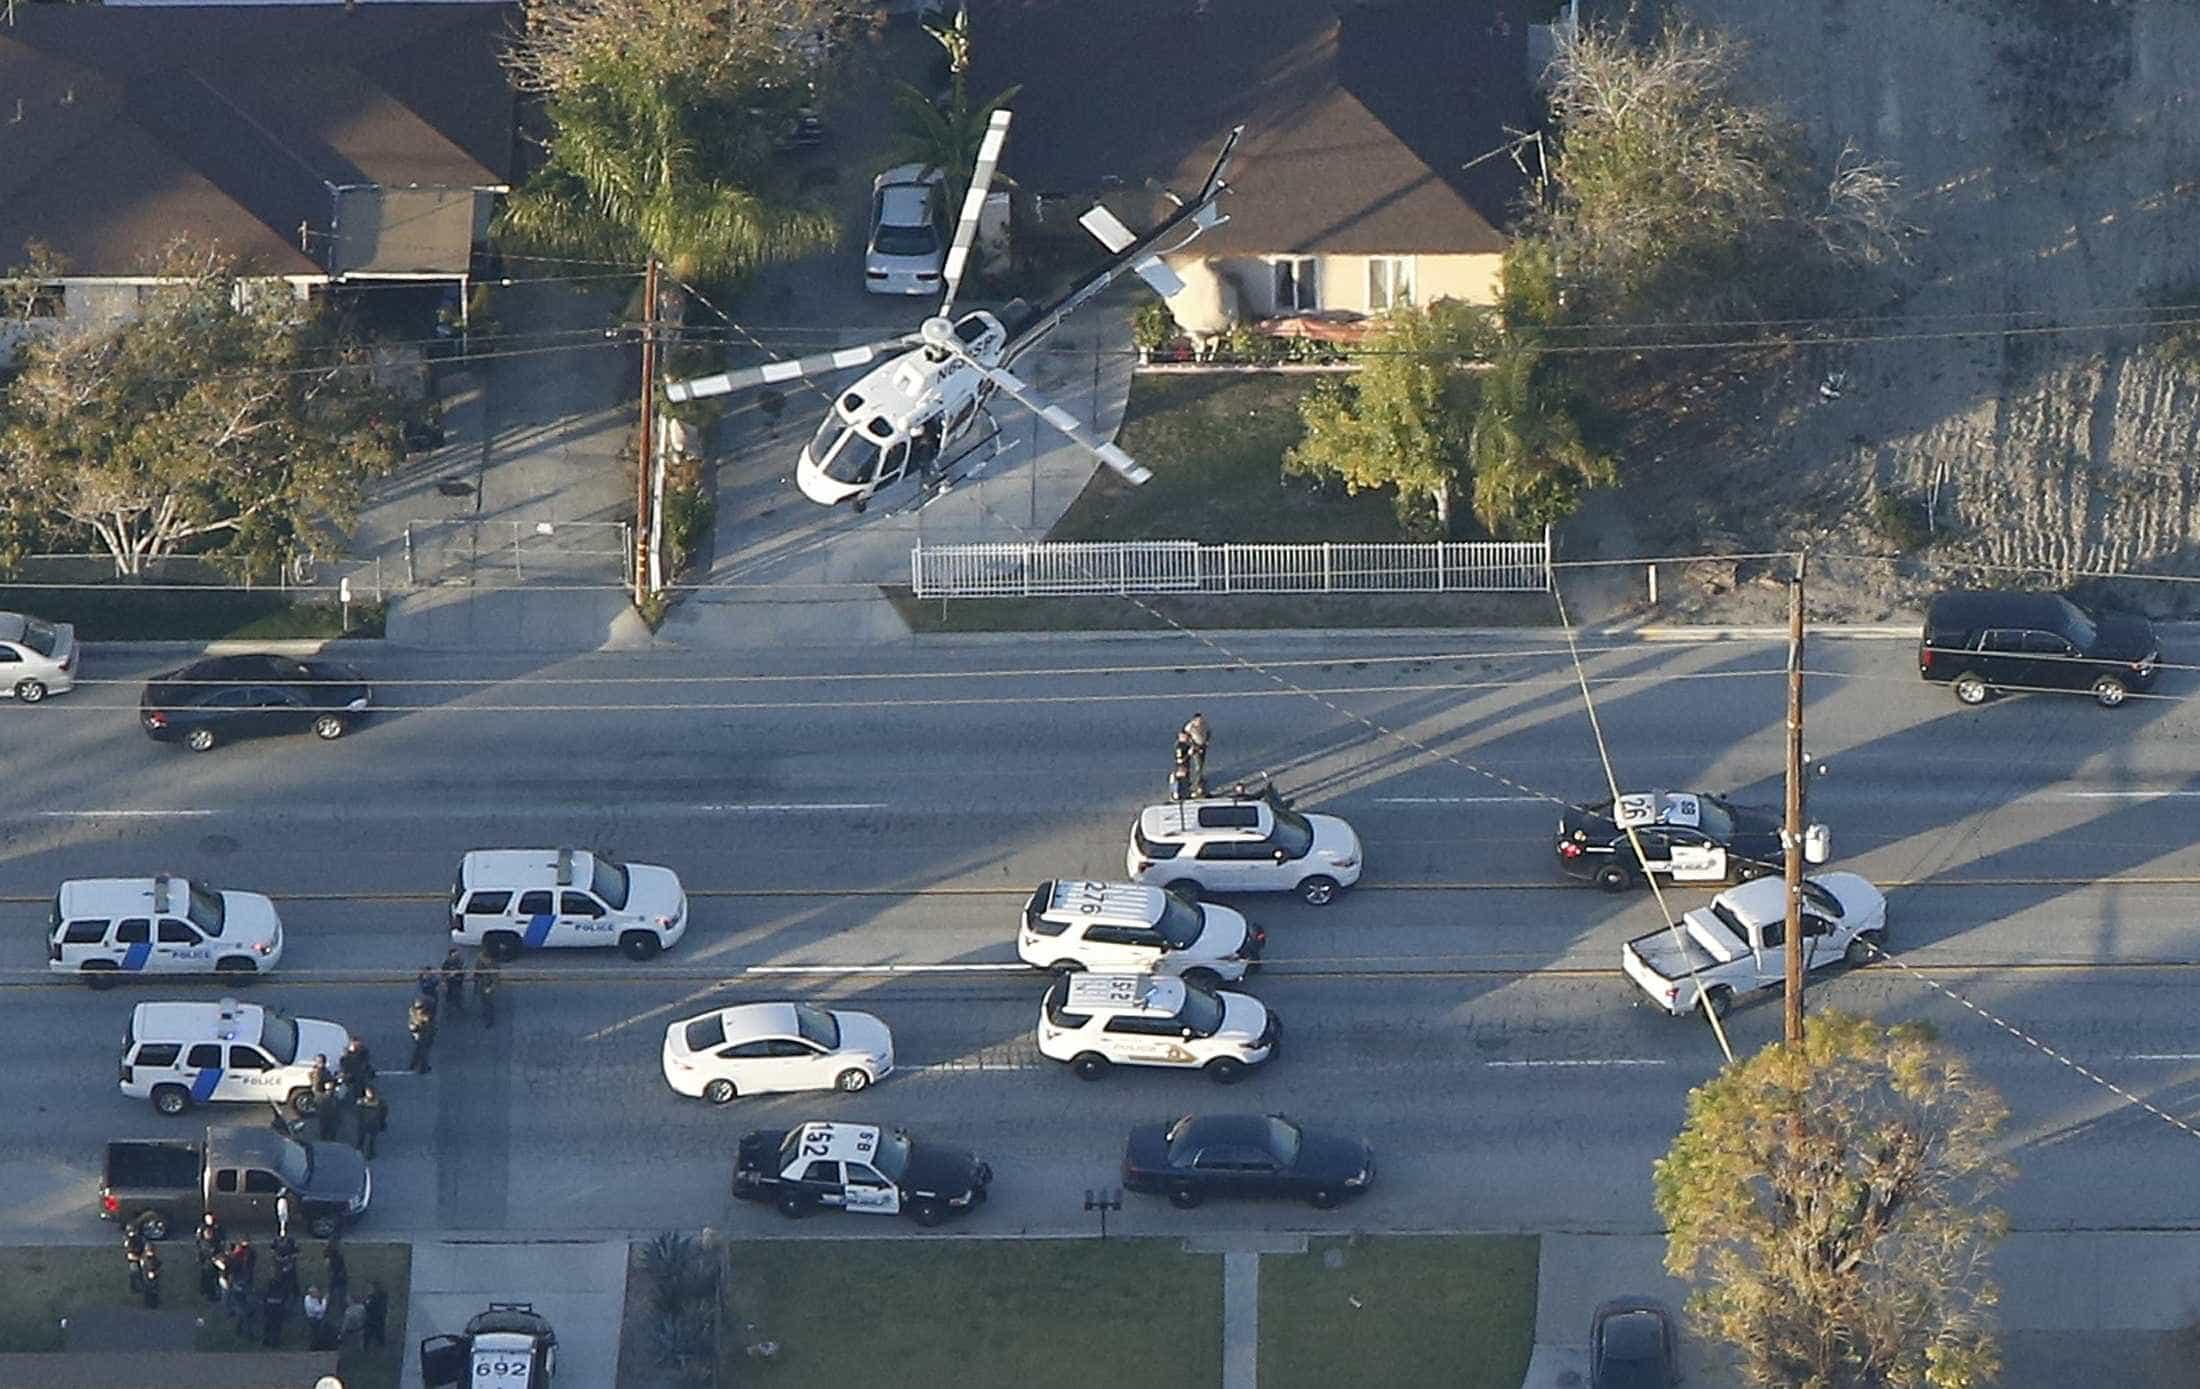 EUA: Dois suspeitos identificados, ambos mortos. Um era mulher